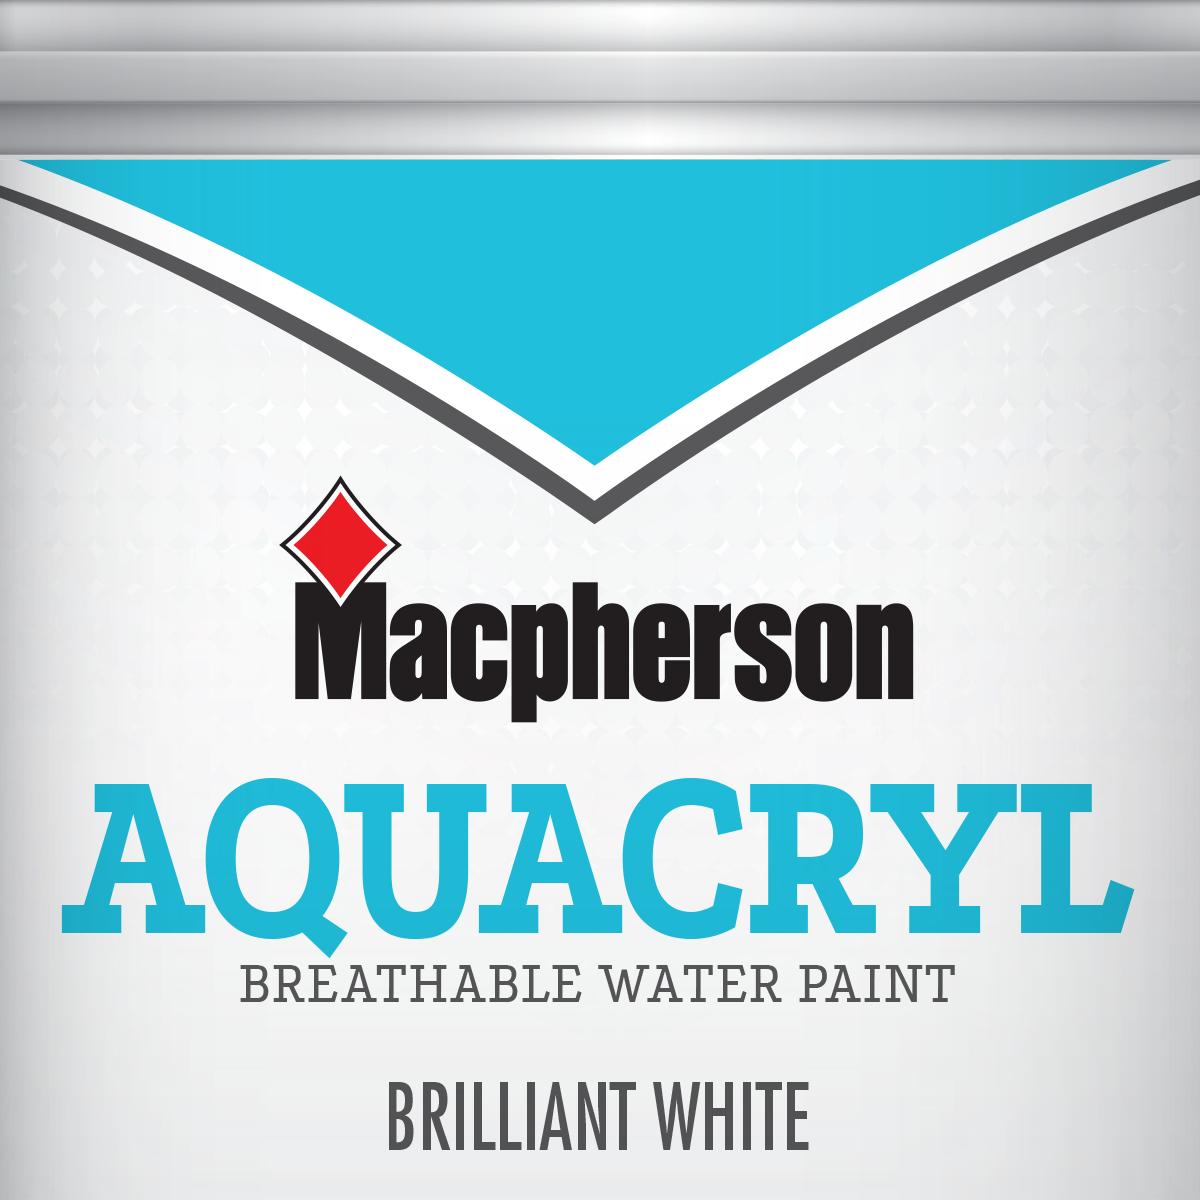 Aqualcryl